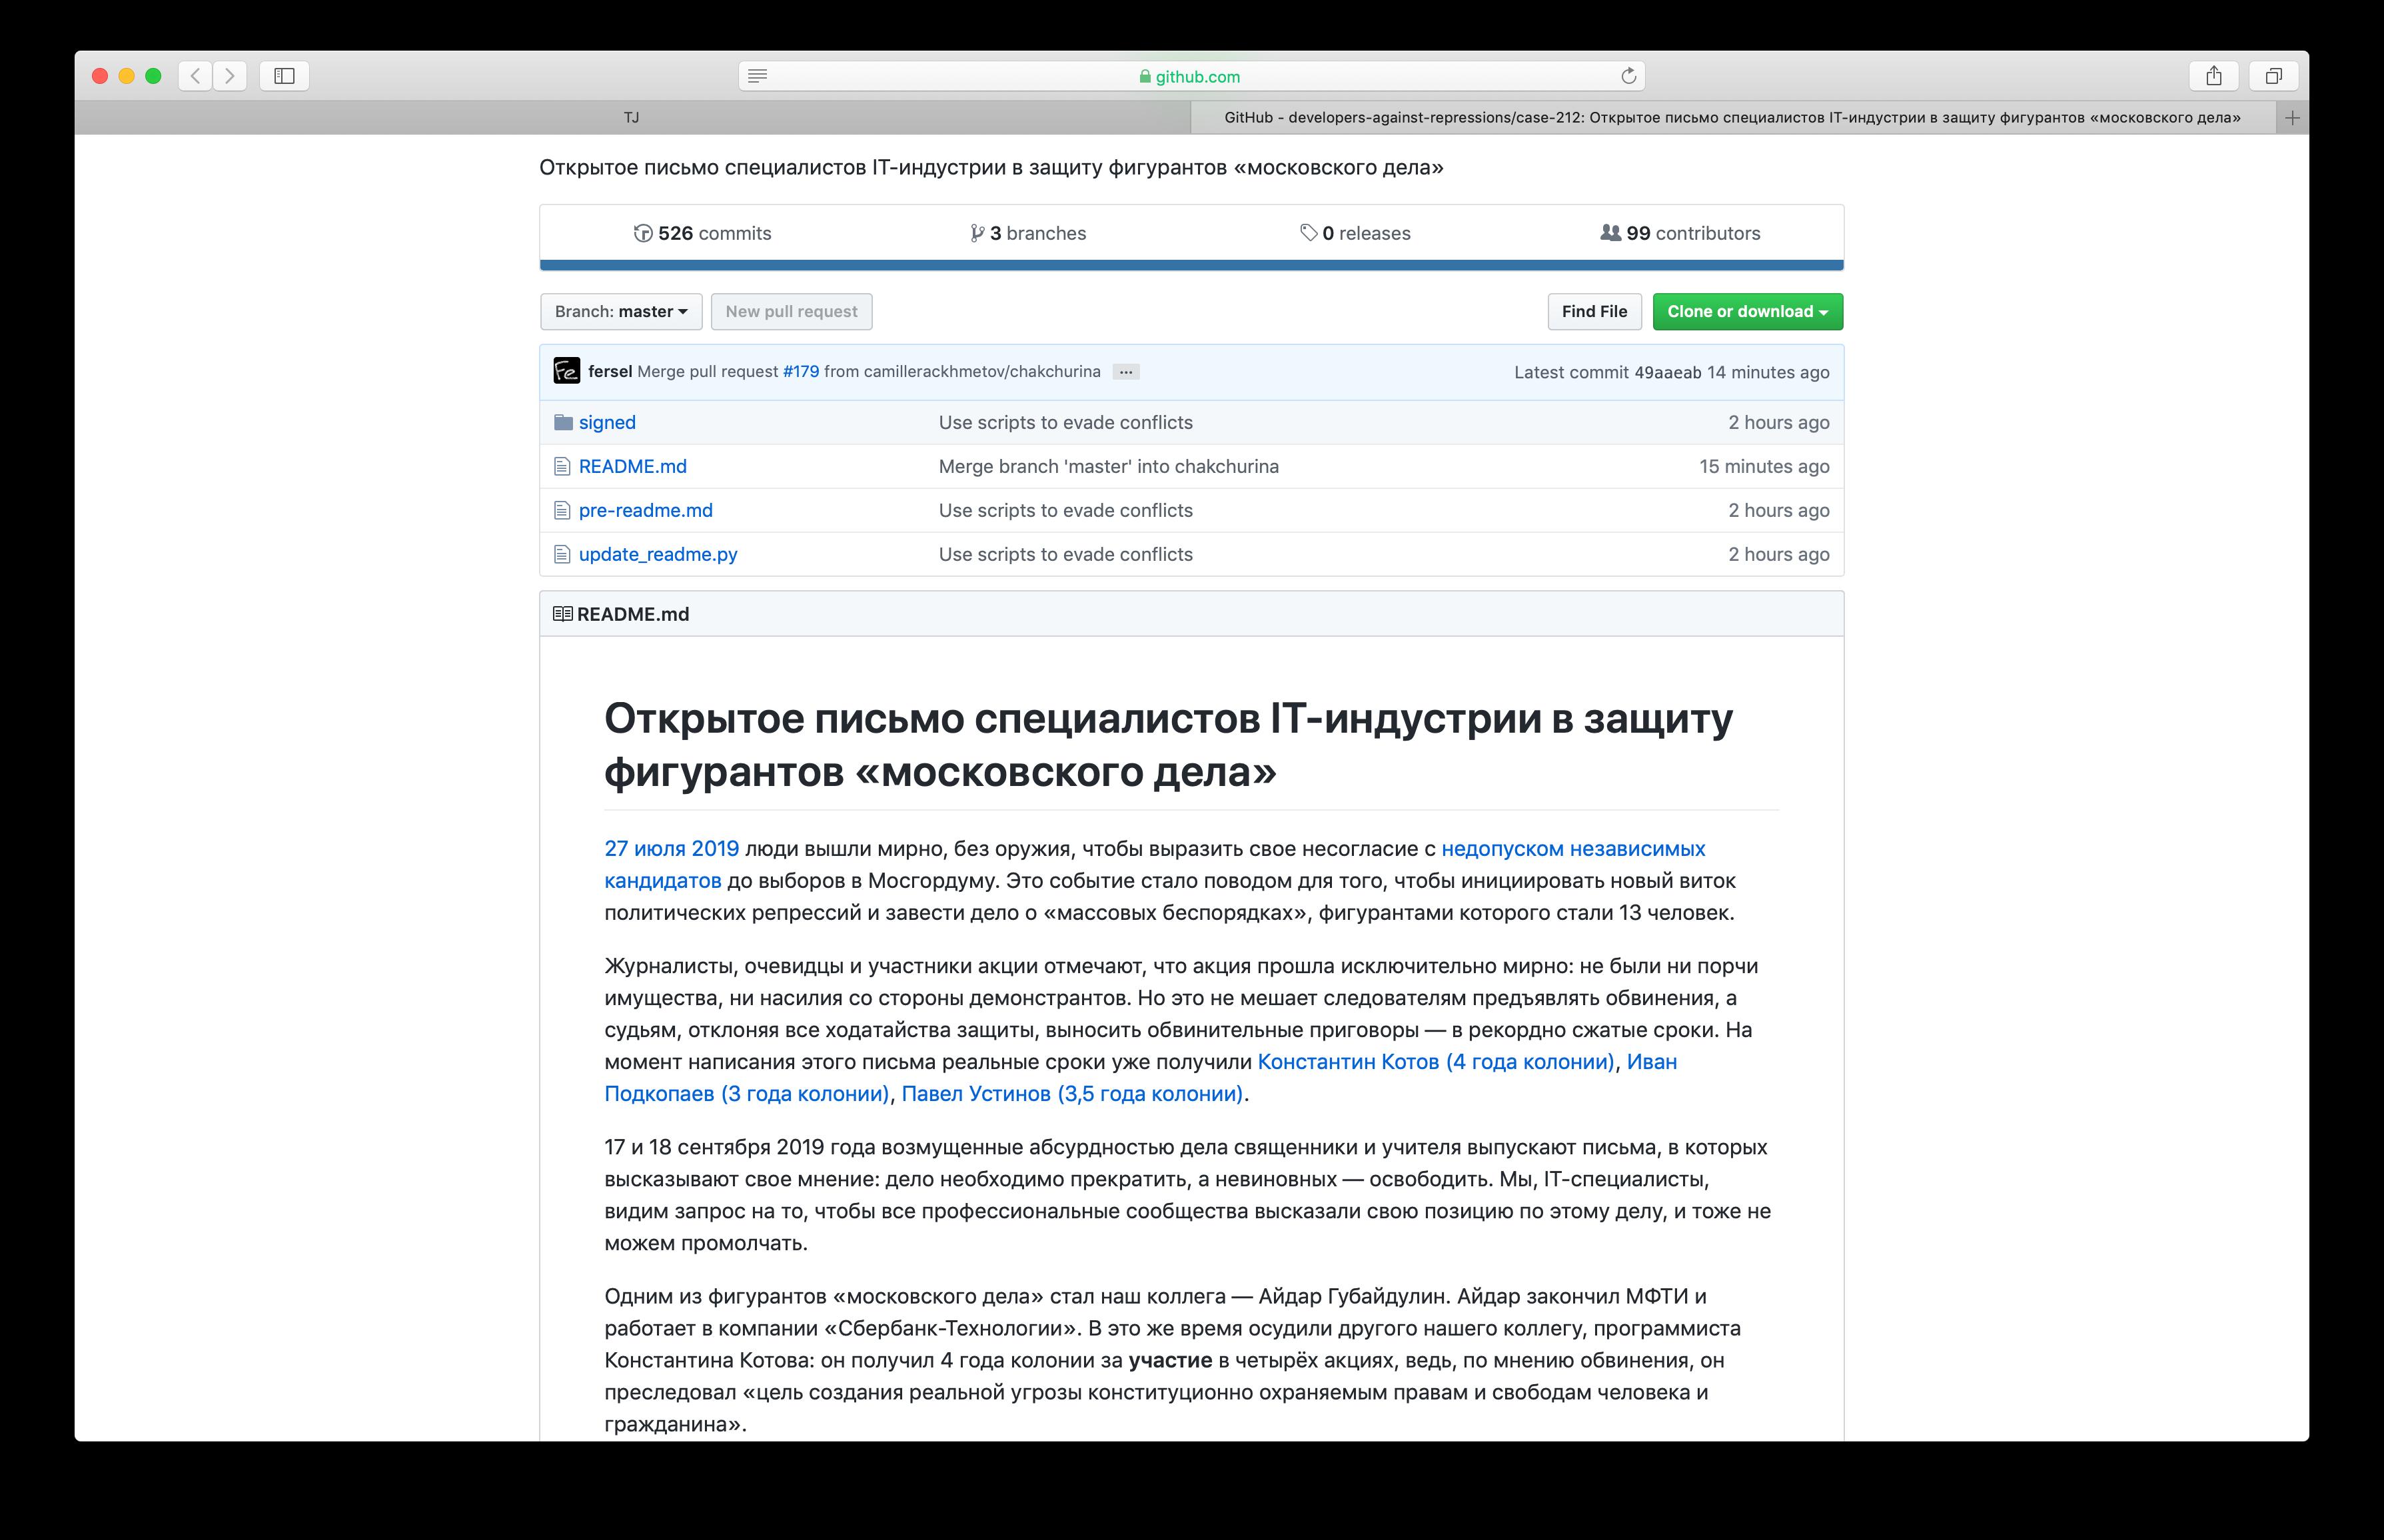 Специалисты IT-индустрии написали открытое письмо в поддержку фигурантов «московского дела»